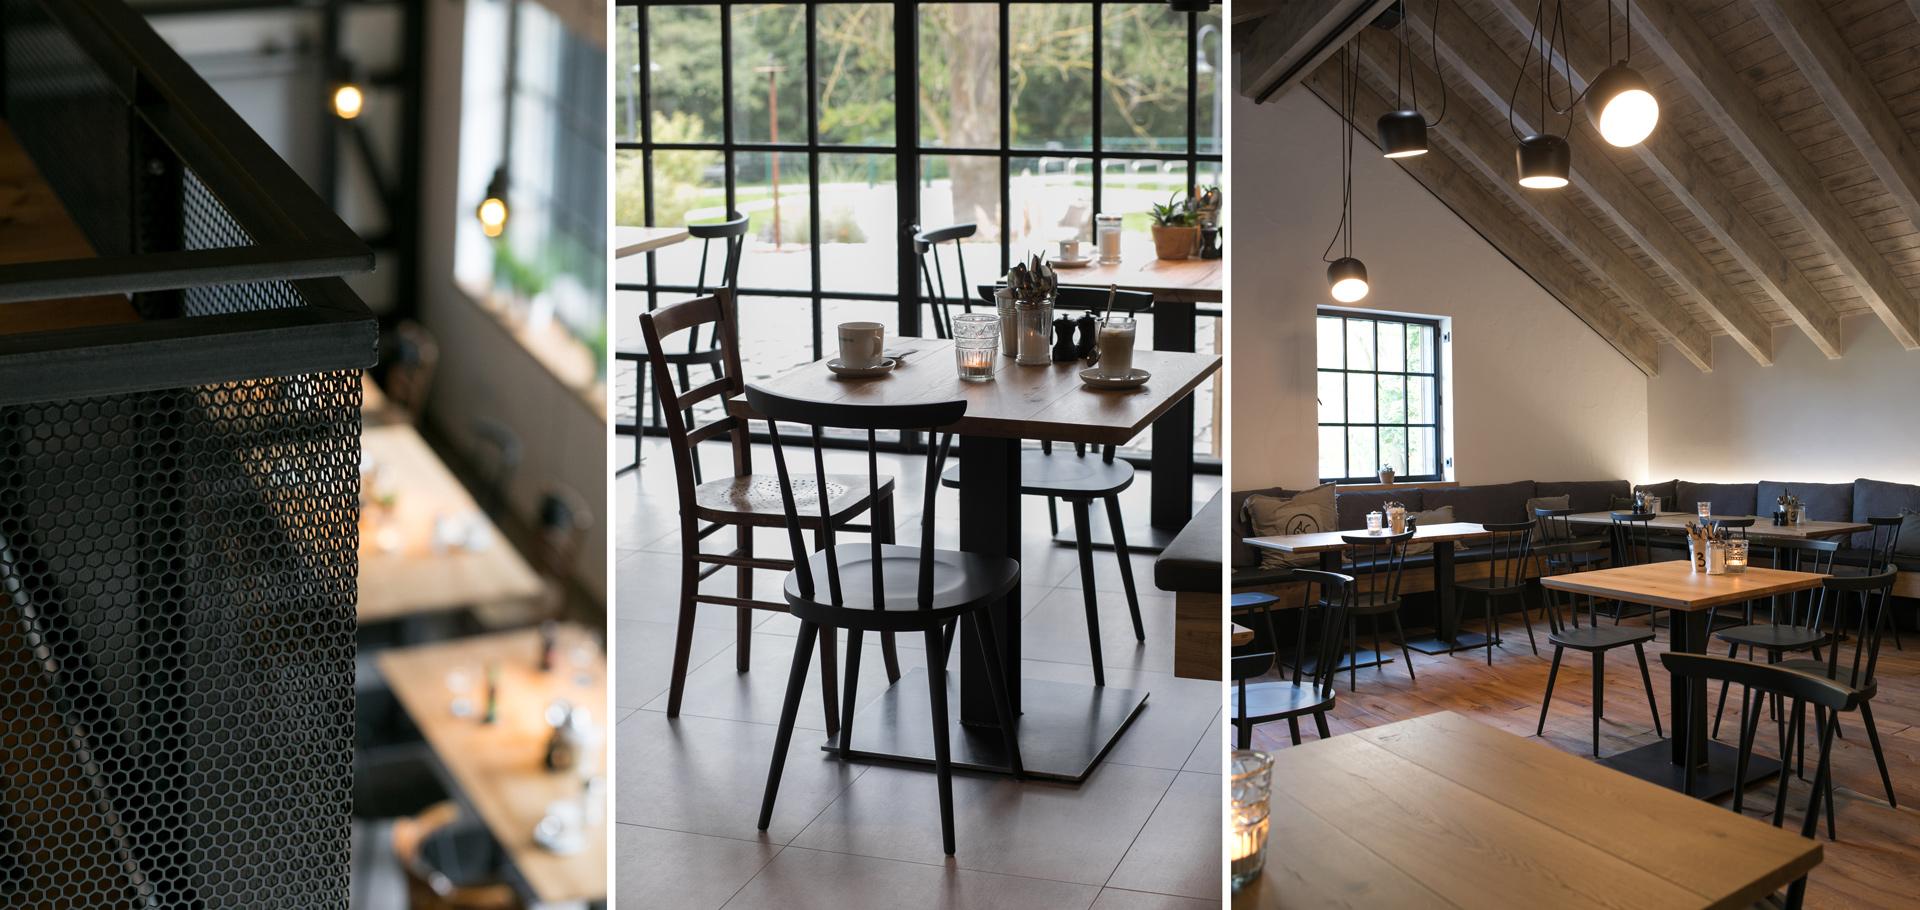 Verschiedene Bereiche des Restaurants Wilde Ente in Iserlohn